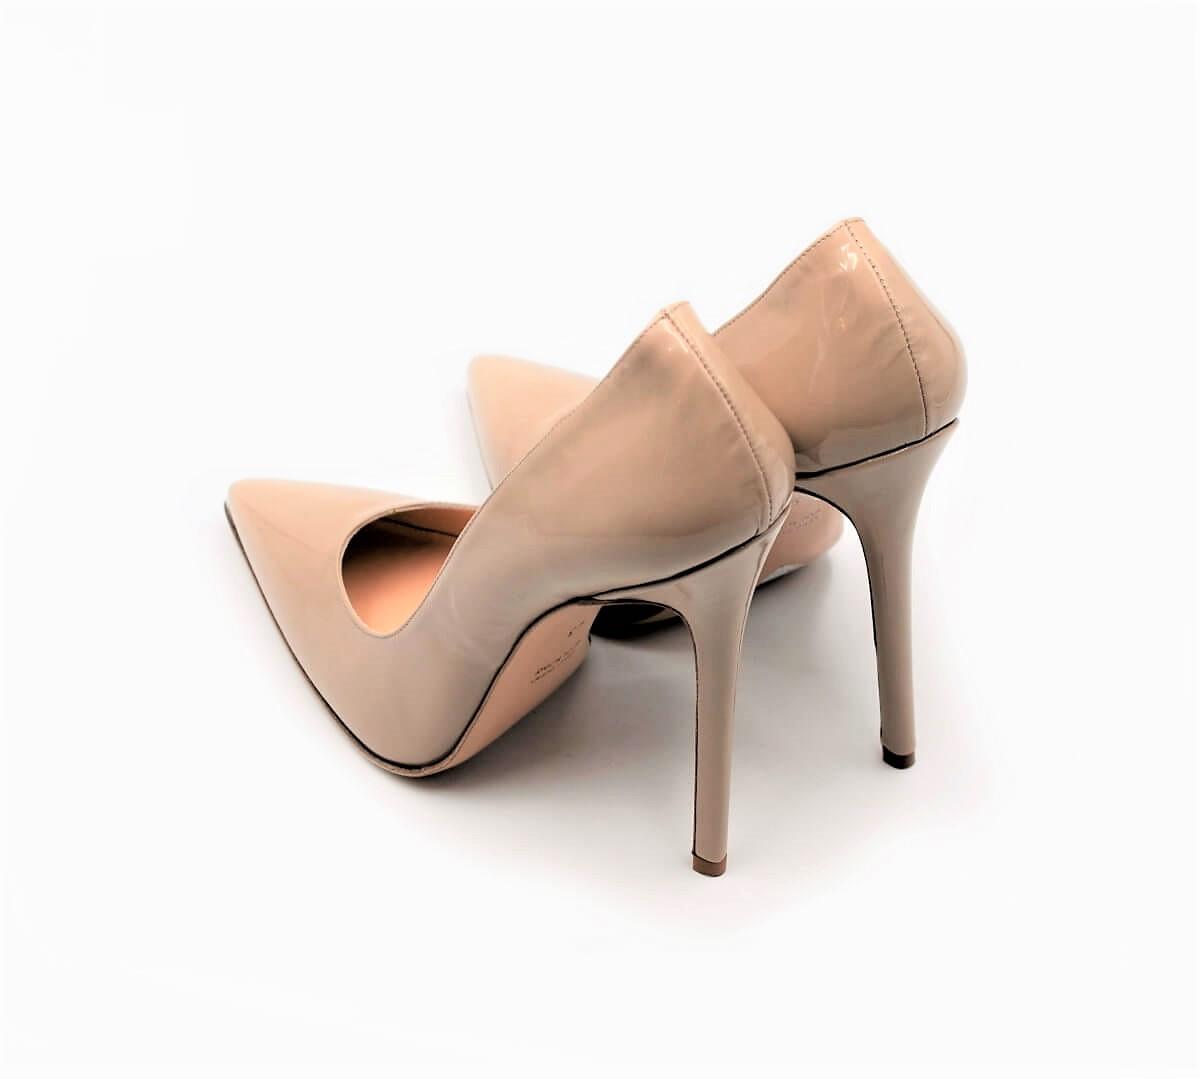 Stiefel Aus Stiletto Nude HeelsExlusive Damenschuhe Und Italien rxBoeWdC